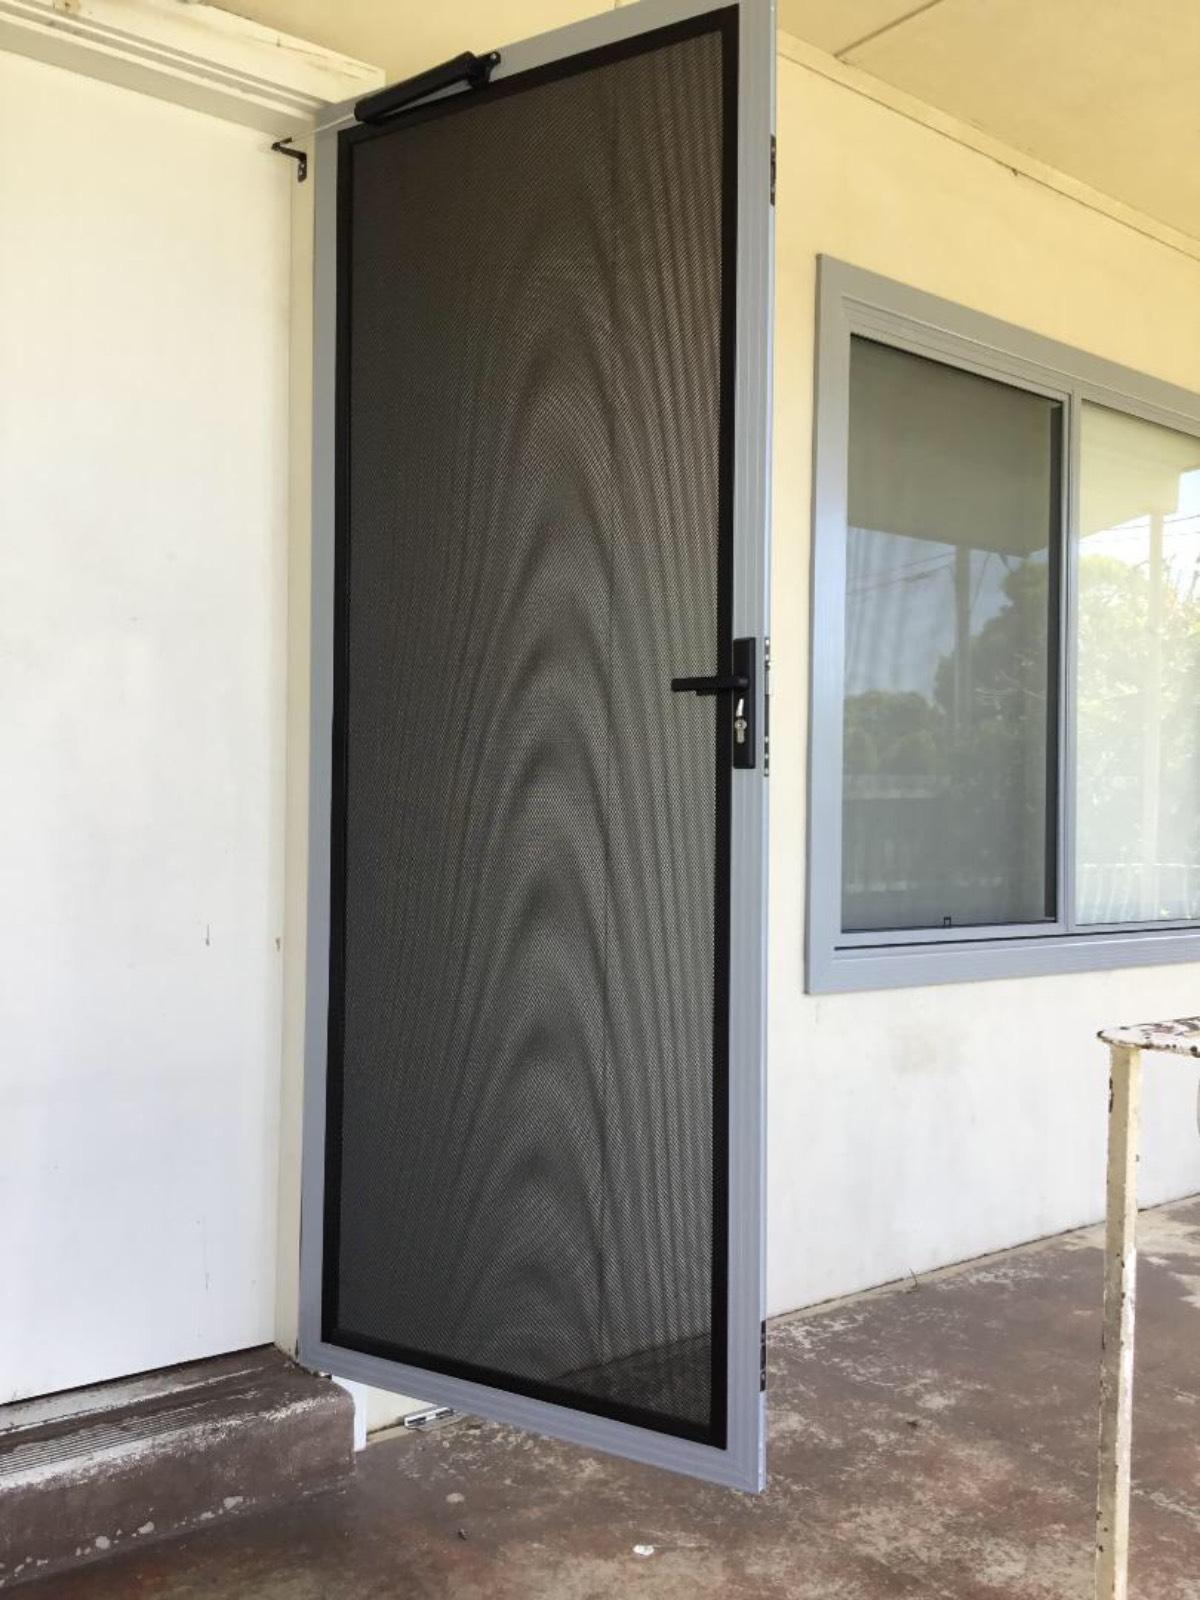 Exterior paint color  on concrete house...help!